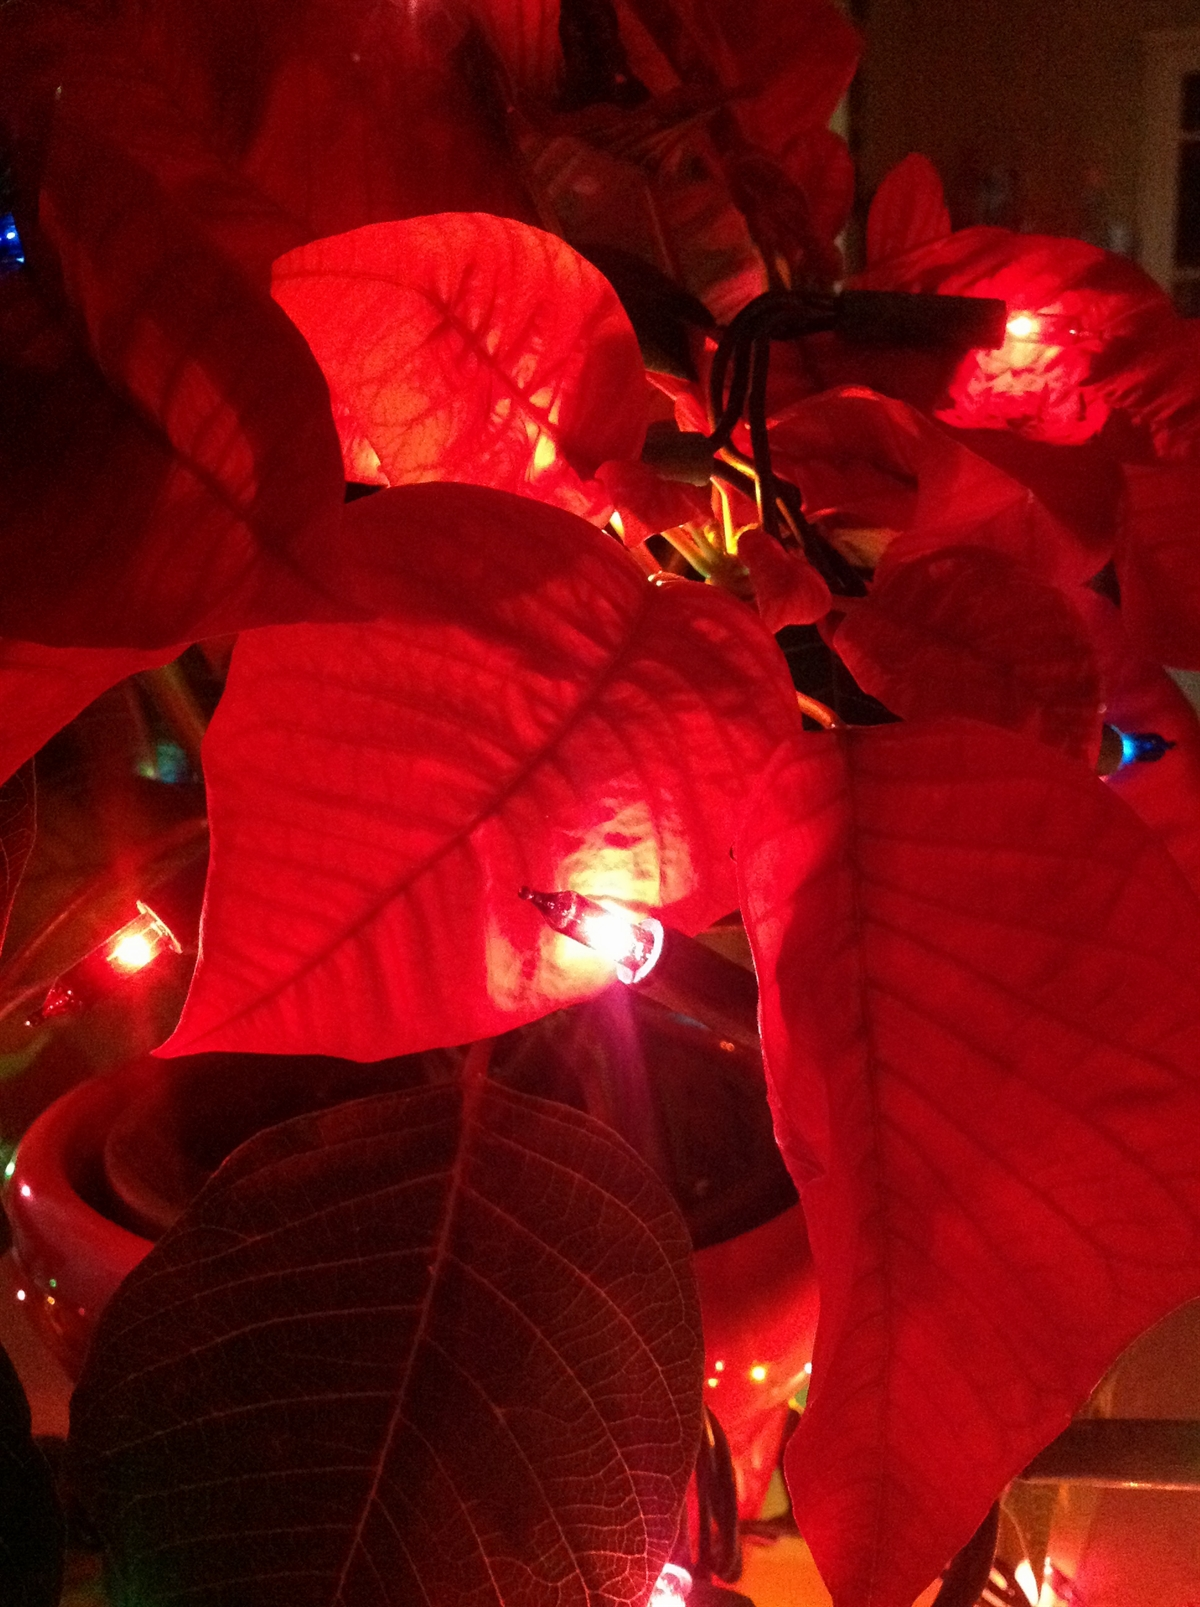 5 gwiazda_betlejemska_boze_narodzenie_wigilia_dekoracje_stol_na_swieta_pomysly_christmas_decorationg_ideas_home_decor_interio_design_holiday_table_setting_forelements_blog